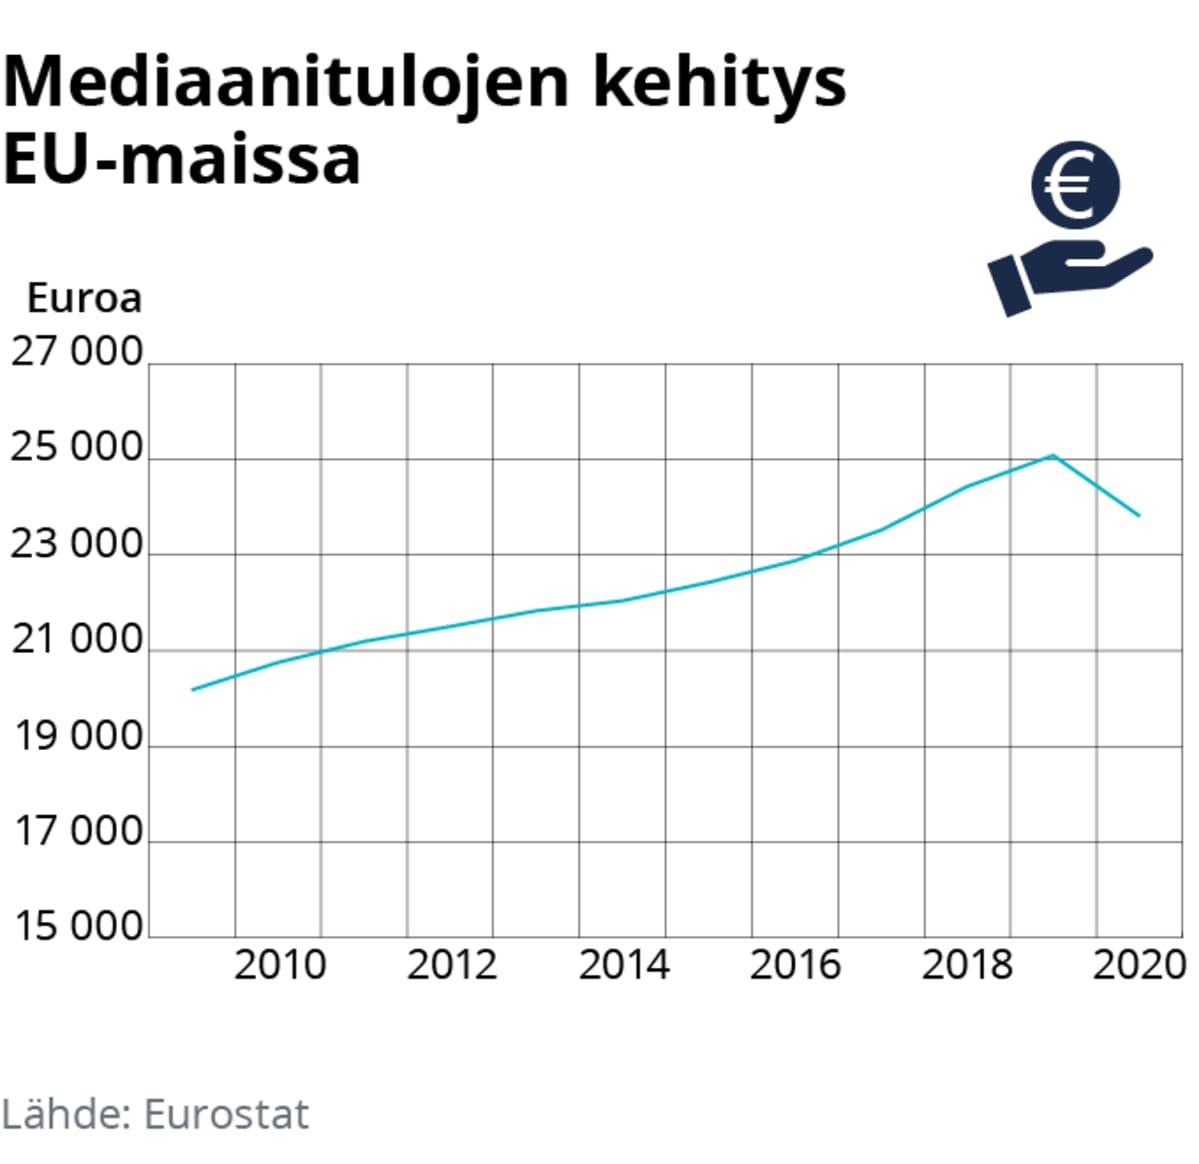 Tilastografiikka mediaanitulojen kehityksestä EU-maissa.